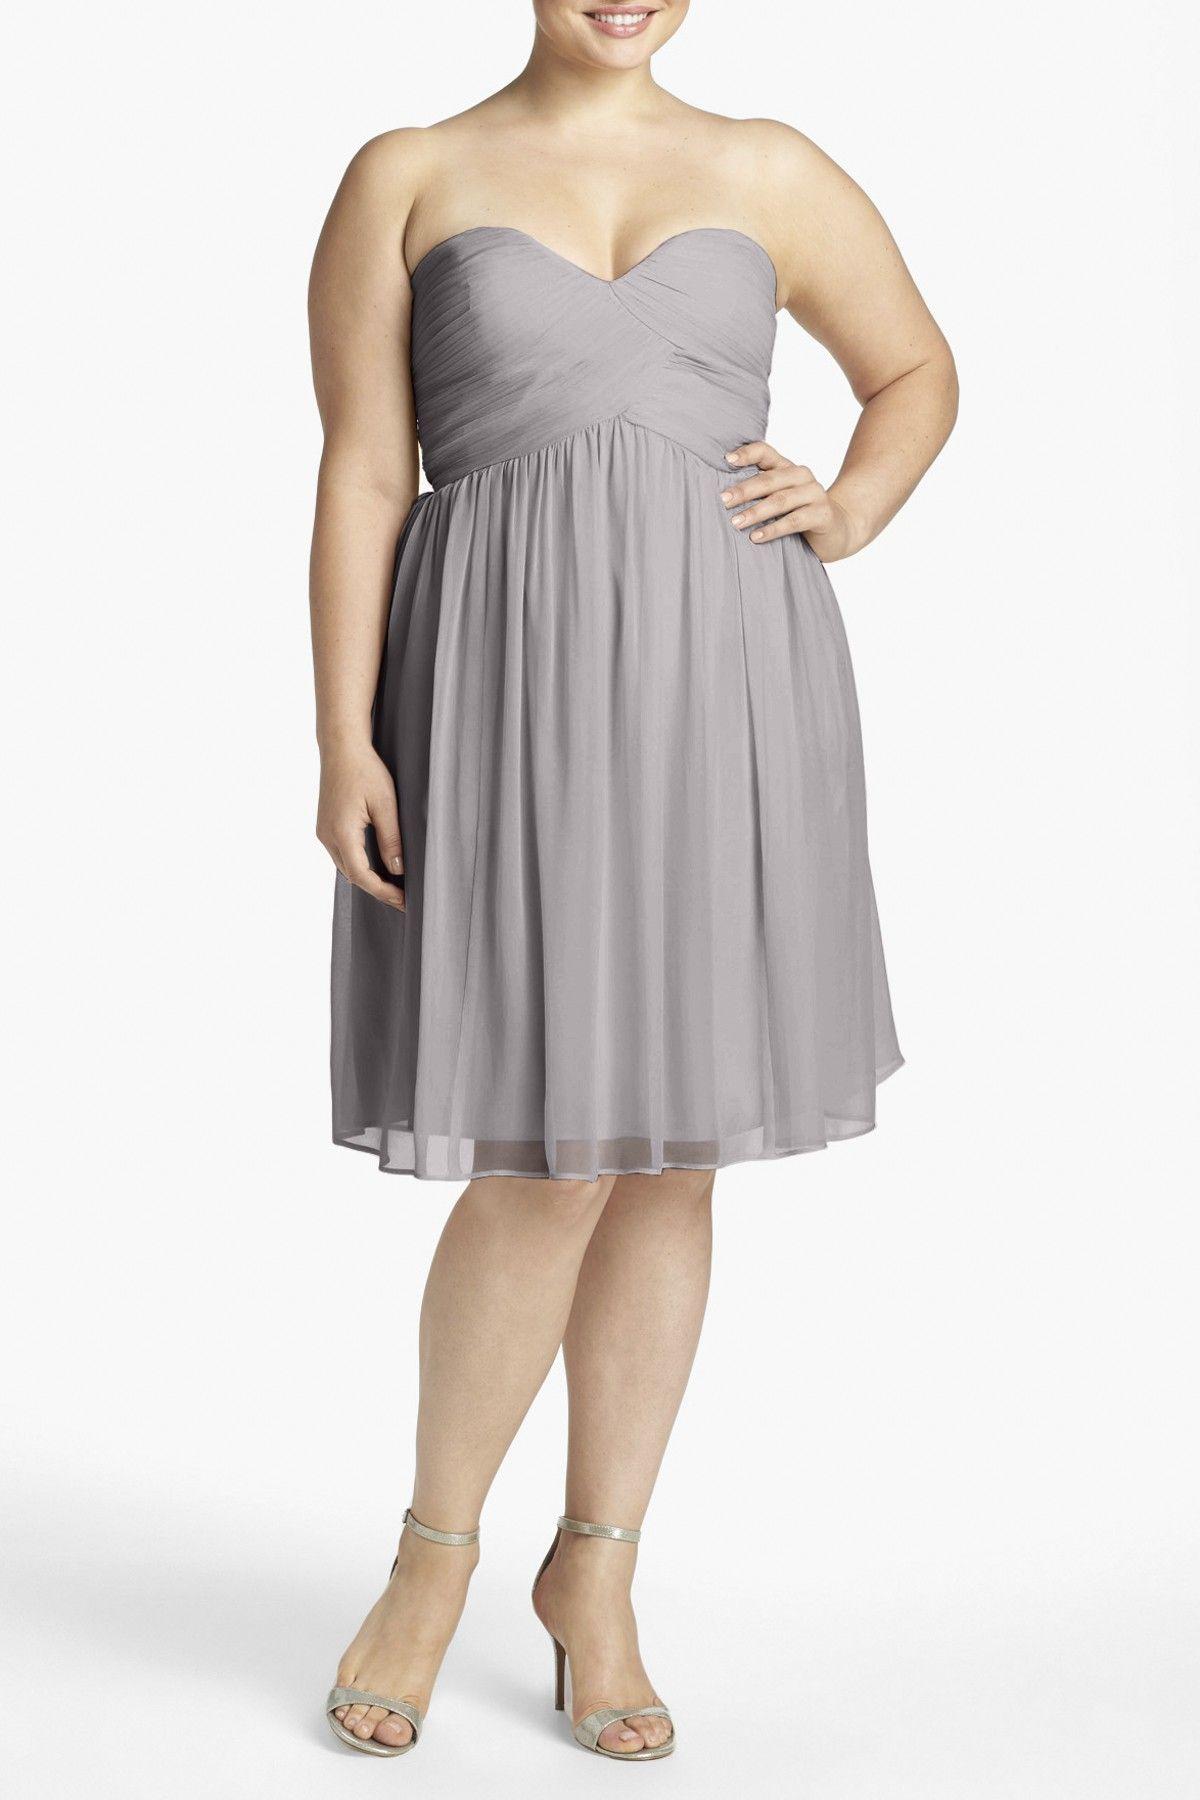 Donna morgan dresses plus size